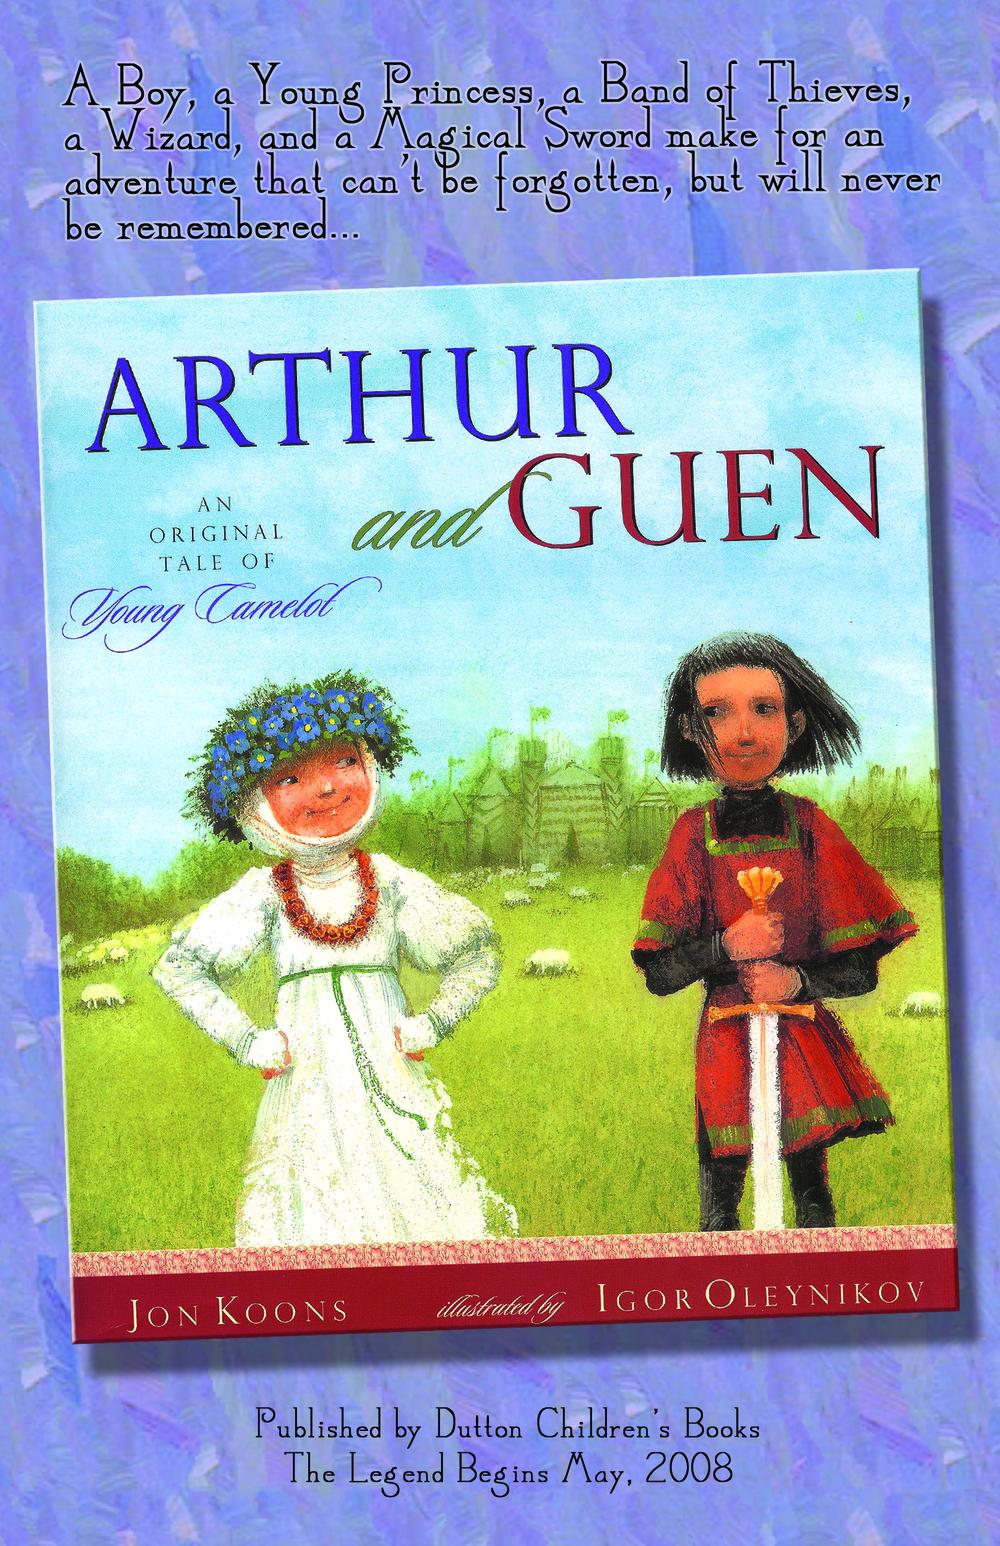 Arthur & Guen Postc#1A15A6E.jpg